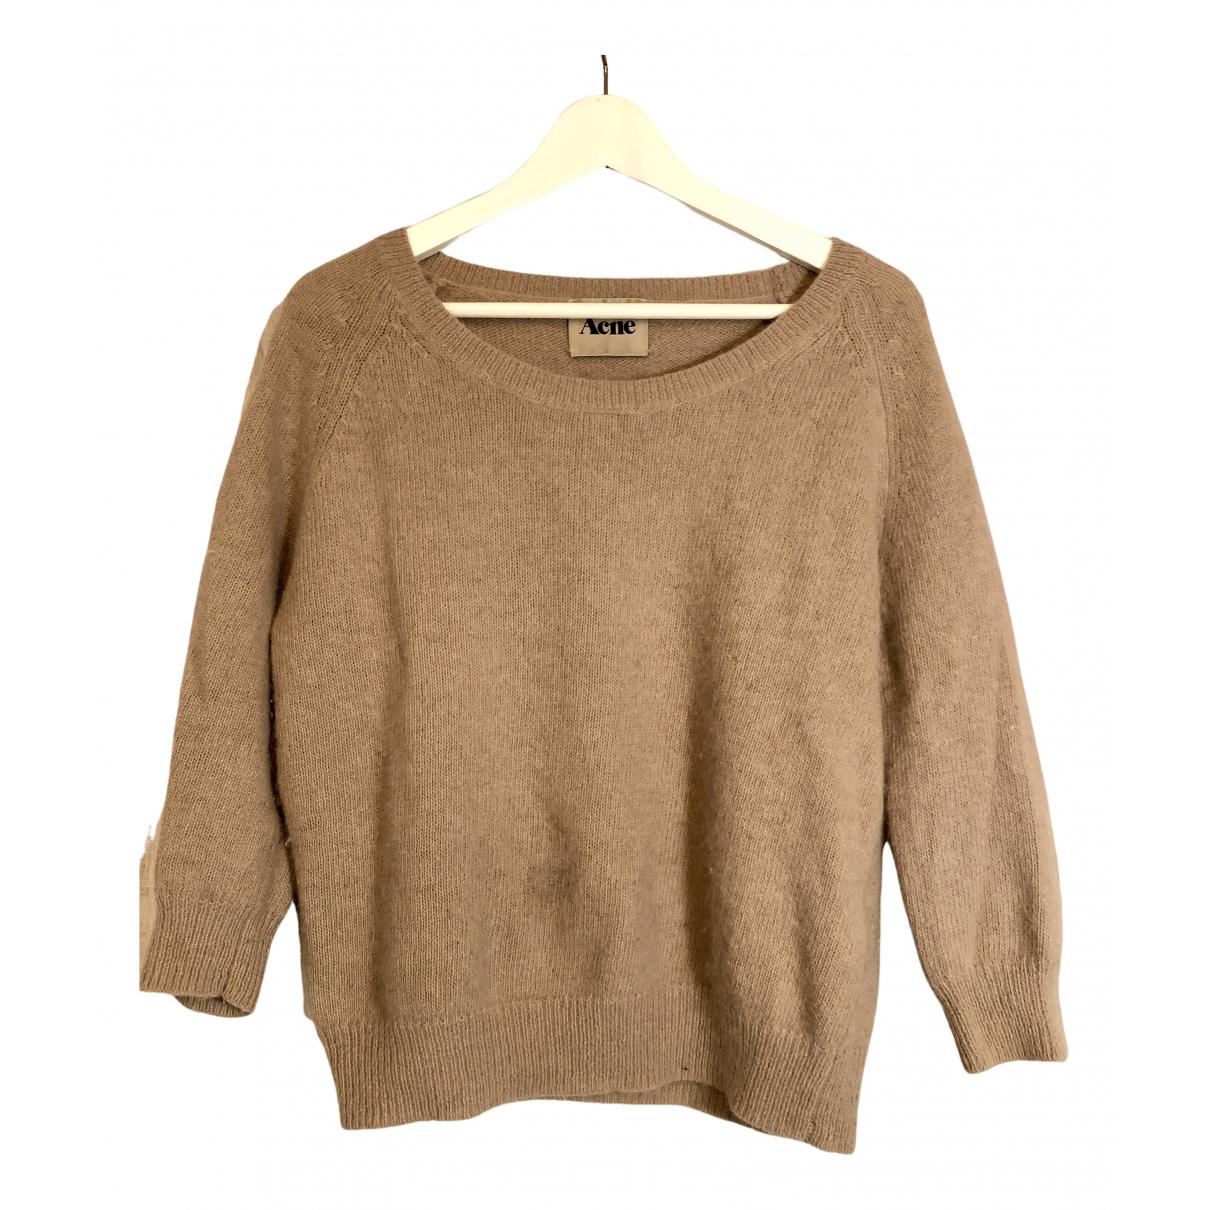 Acne Studios N Beige Wool Knitwear for Women S International